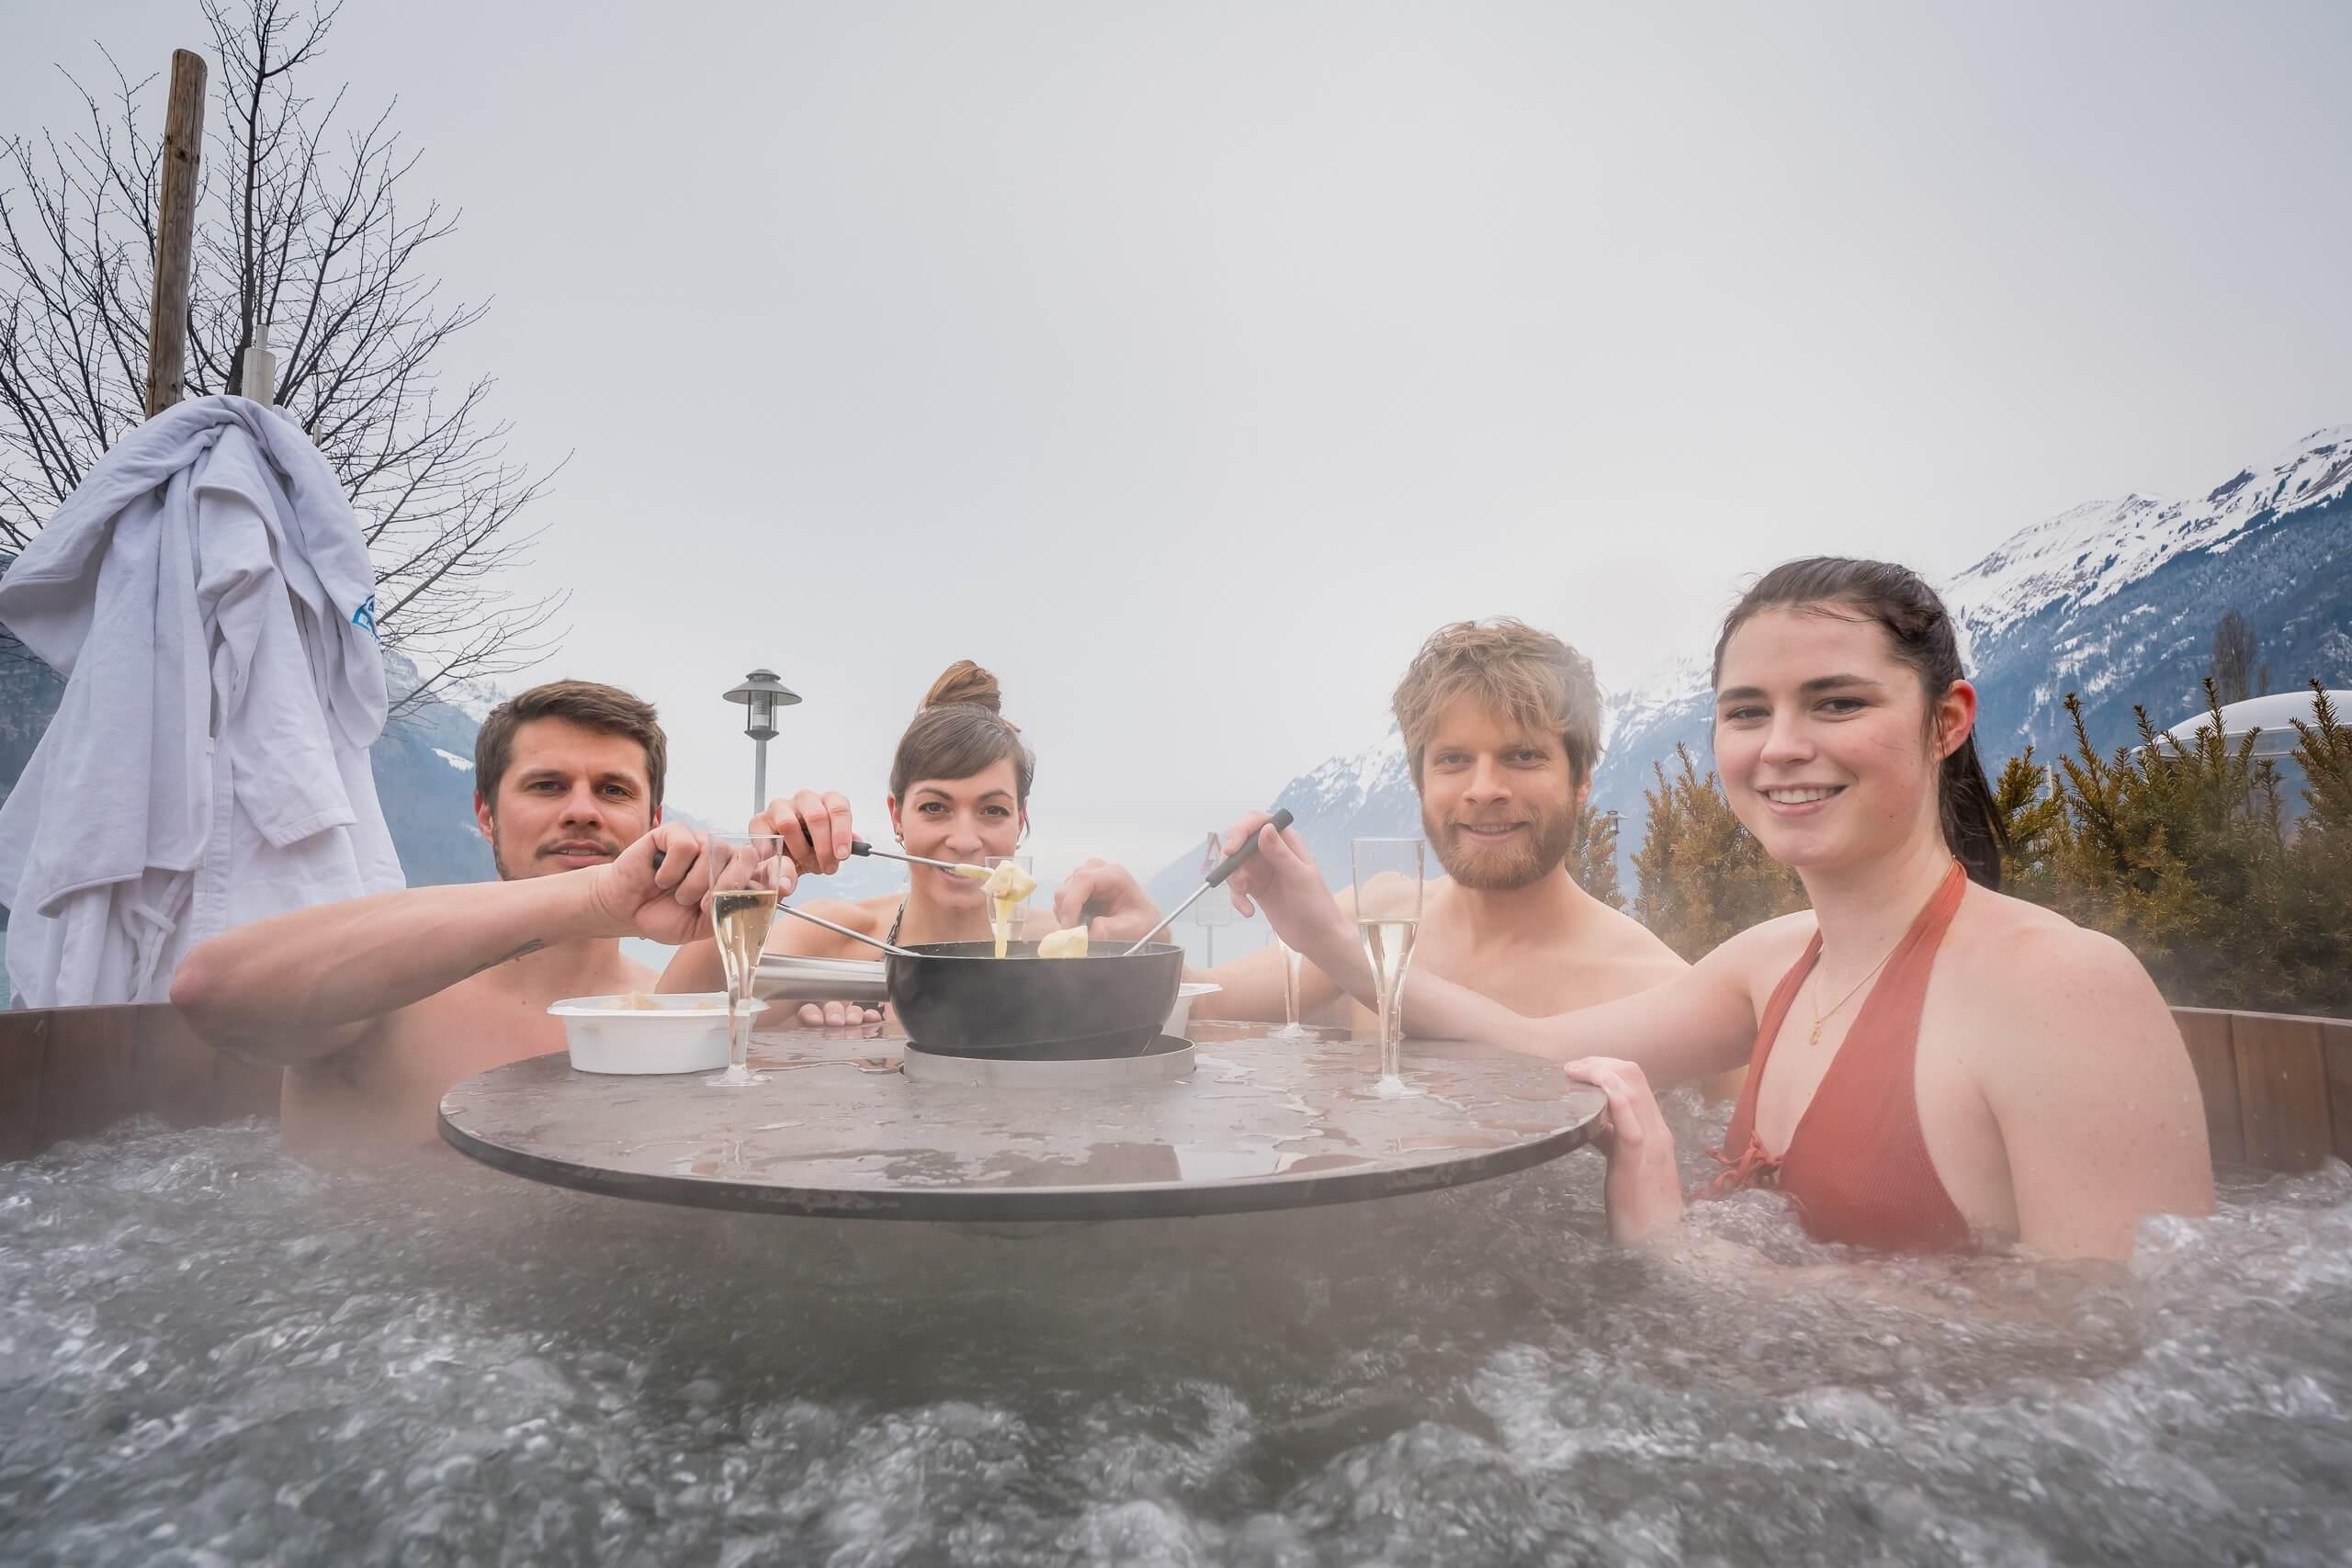 brienz-hot-pot-fondue-winter-baden